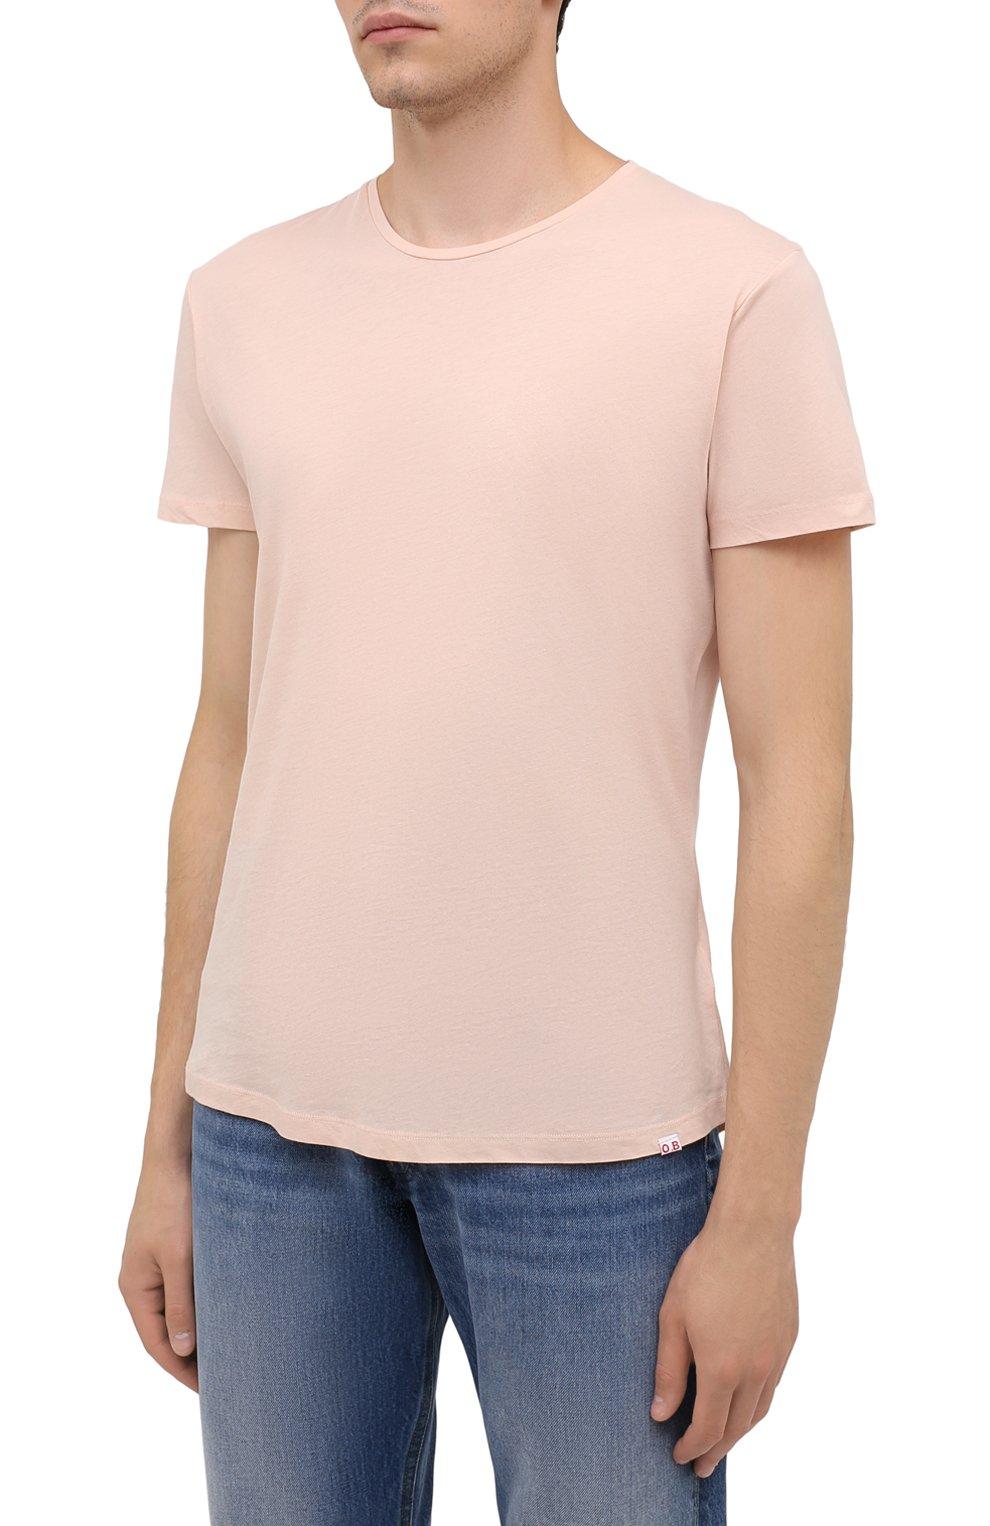 Мужская хлопковая футболка ORLEBAR BROWN бежевого цвета, арт. 274181 | Фото 3 (Кросс-КТ: Пляж; Принт: Без принта; Рукава: Короткие; Длина (для топов): Стандартные; Материал внешний: Хлопок; Стили: Кэжуэл)